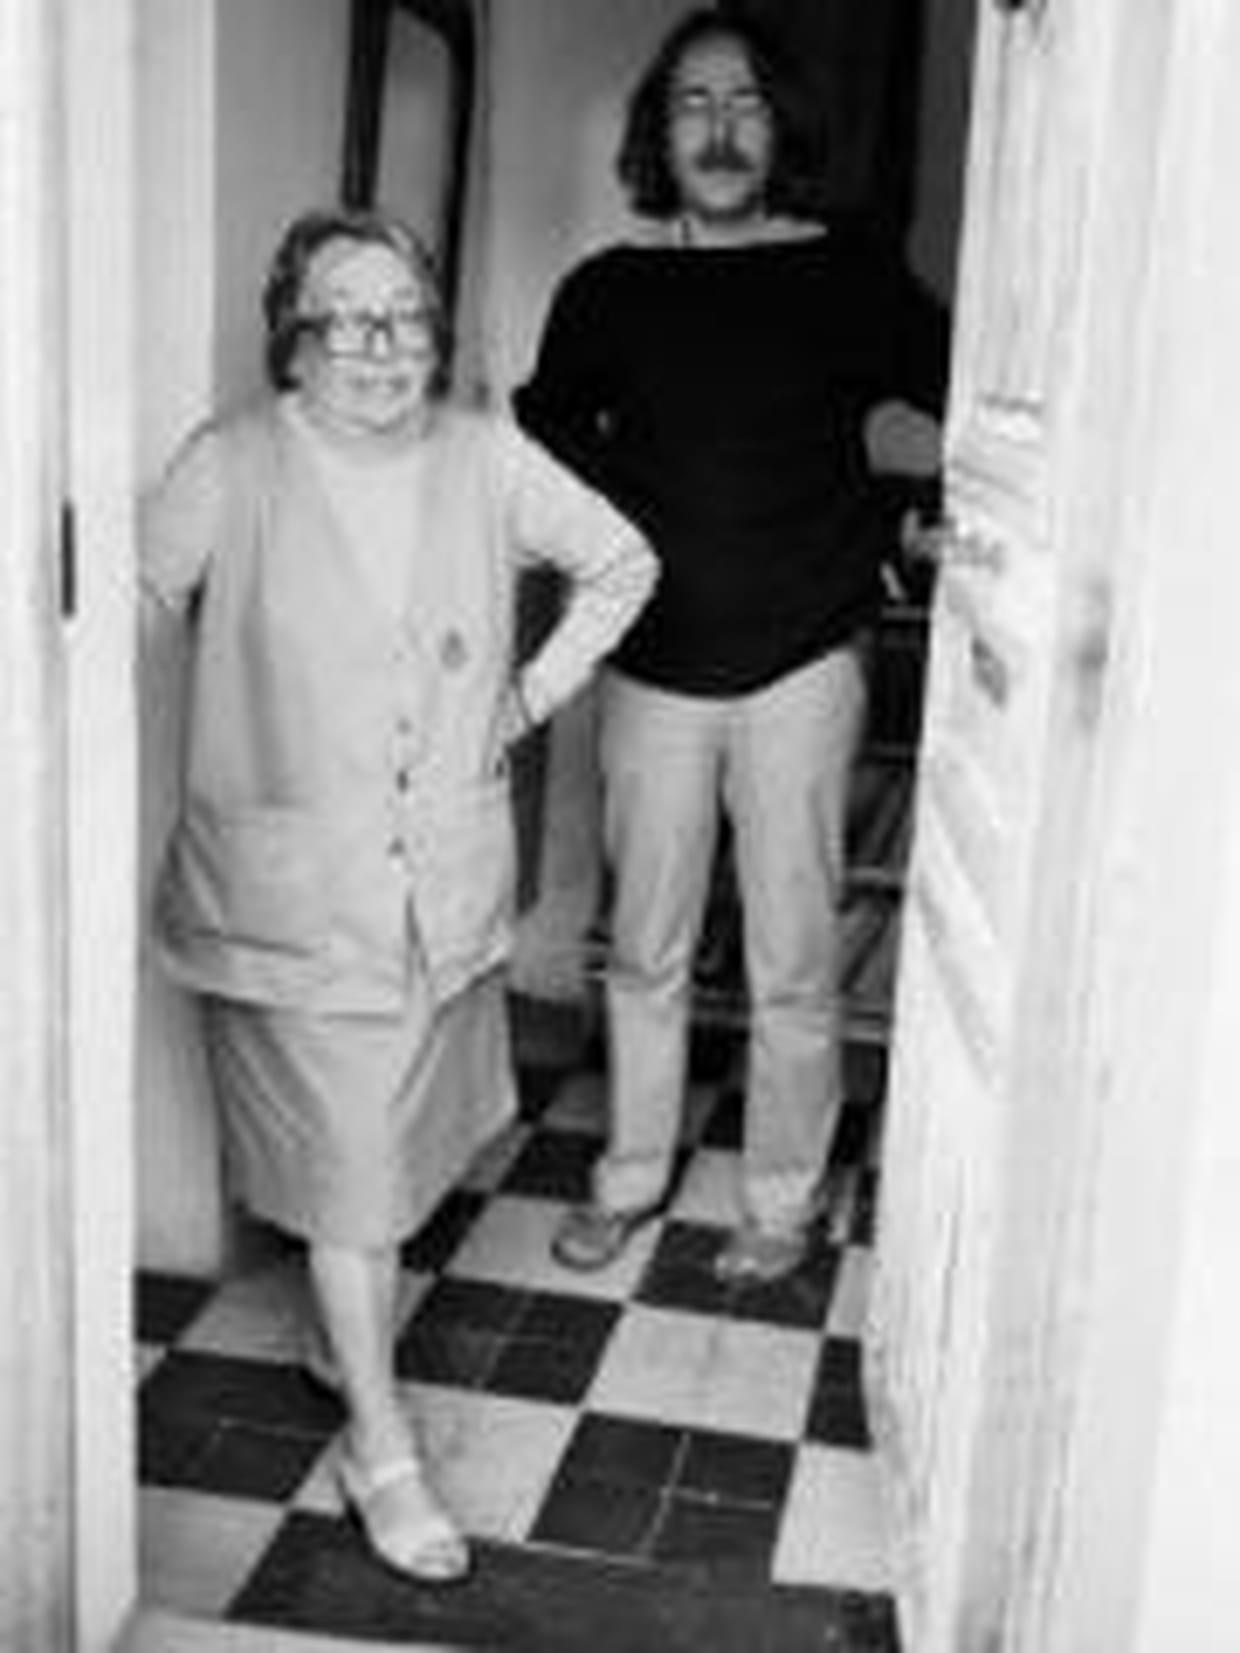 Marguerite Duras Et Yann Andrea Cet Amour La